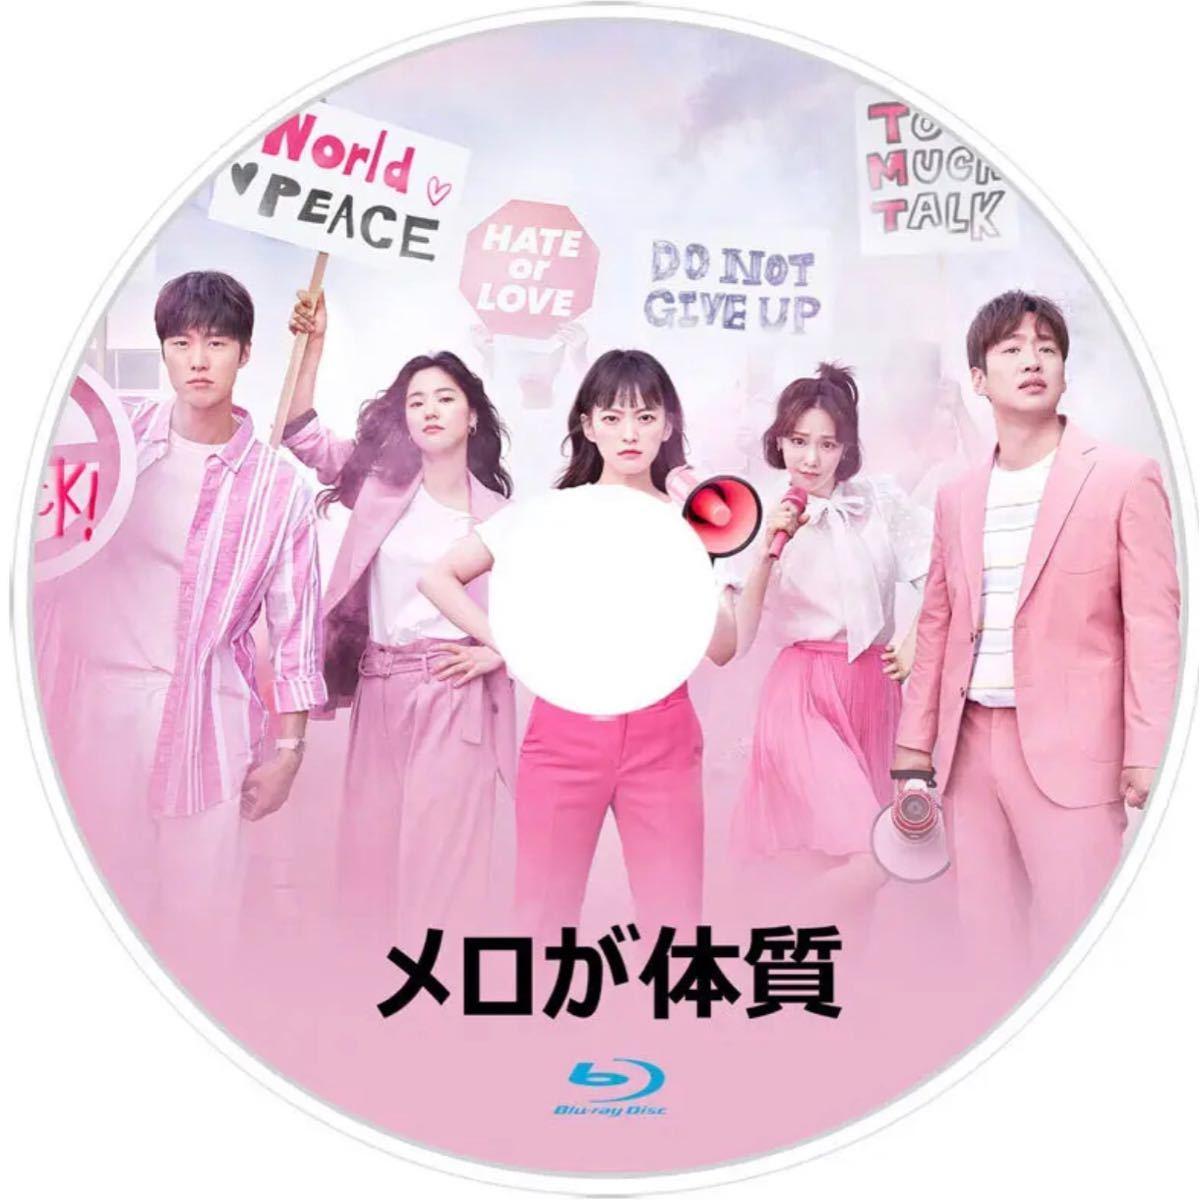 メロが体質 Blu-ray版 (全16話)disk1枚、韓国ドラマ 、レーベル印刷あり、日本語字幕付き、ブルーレイケース付き